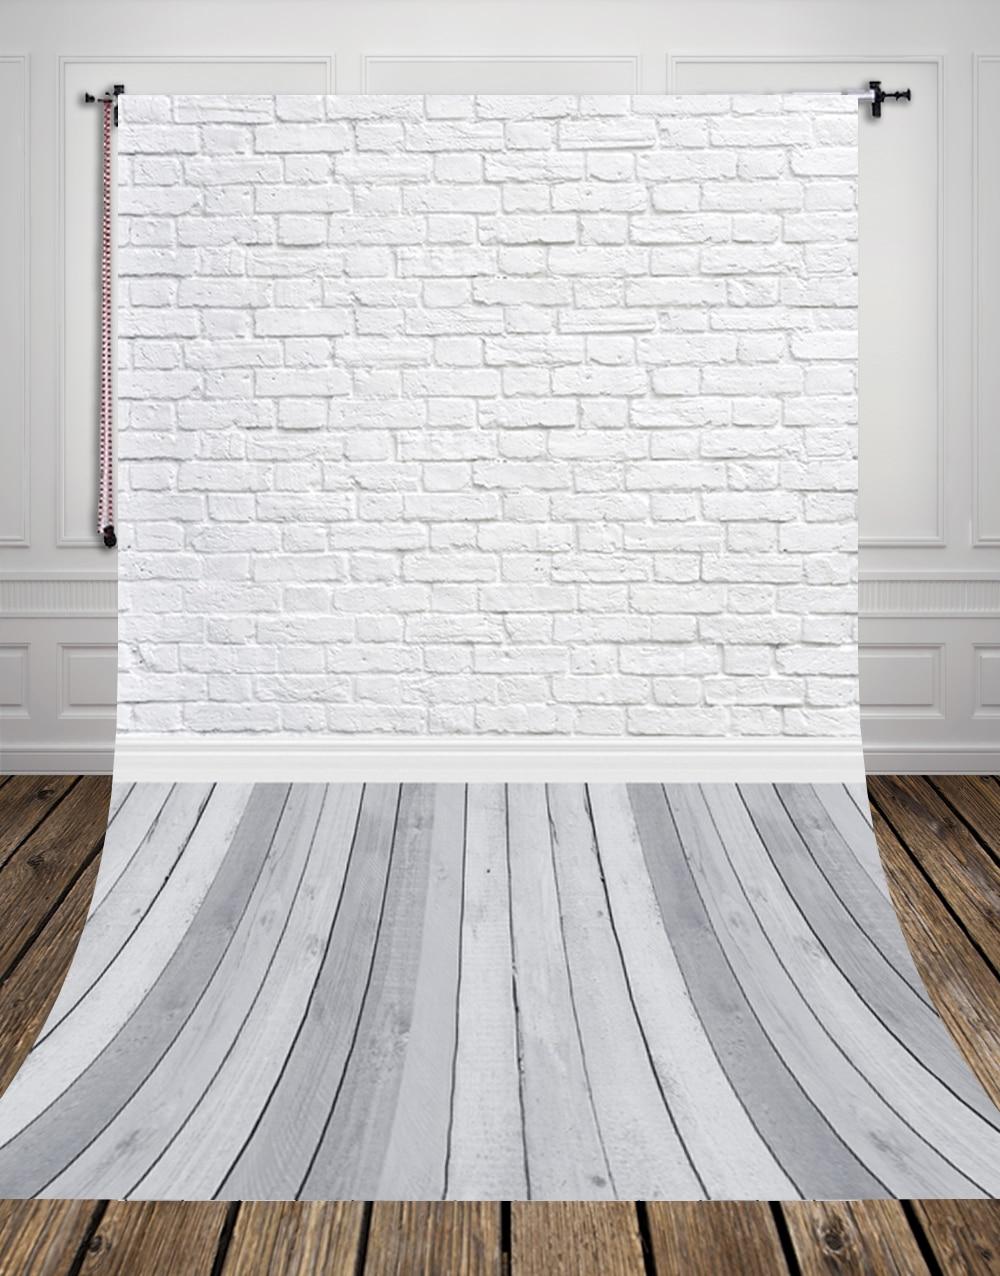 Grau Holzboden Studio Foto Hintergrund Vinyl Weißen Steine Fotografie Hintergrund für Haustiere Kuchen Fotos D-9713